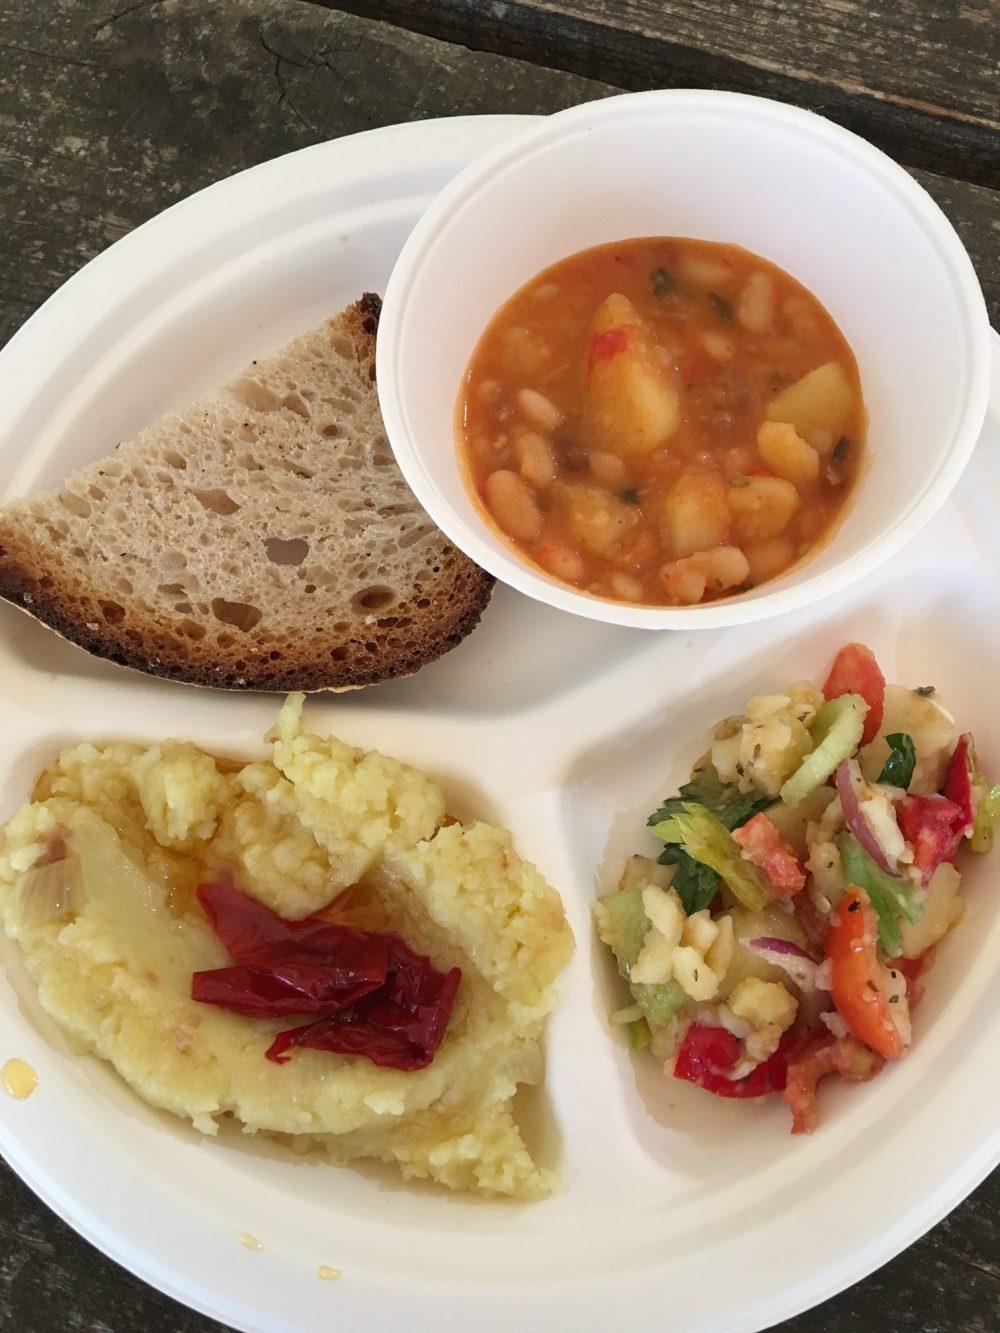 Taburno experience - La colazione del contadino - patate all'insalata, patate schiacciate con peperoni, patate con cotechino